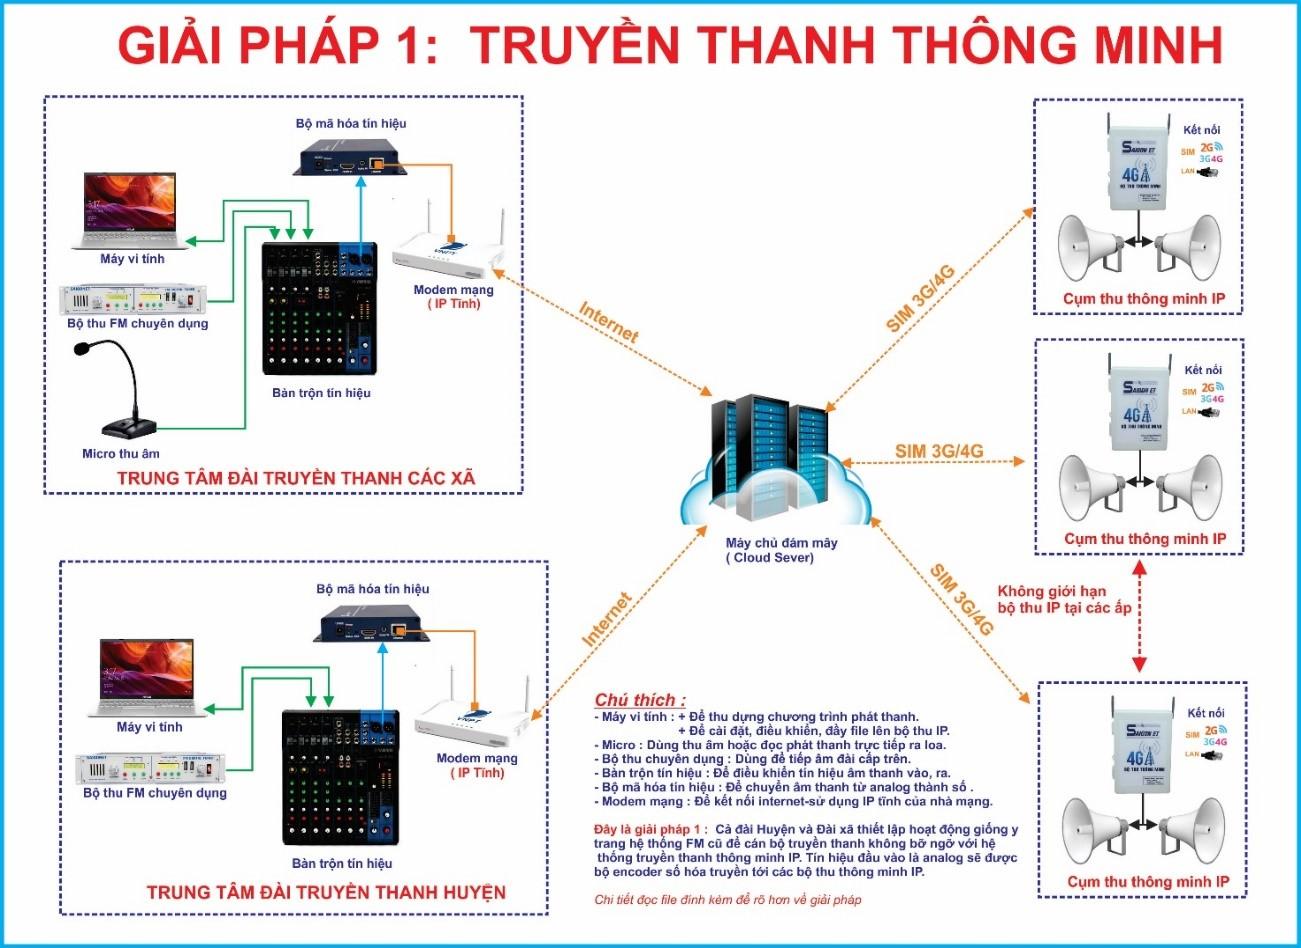 GIẢI PHÁP HỆ THỐNG TRUYỀN THANH THÔNG MINH IP 4G